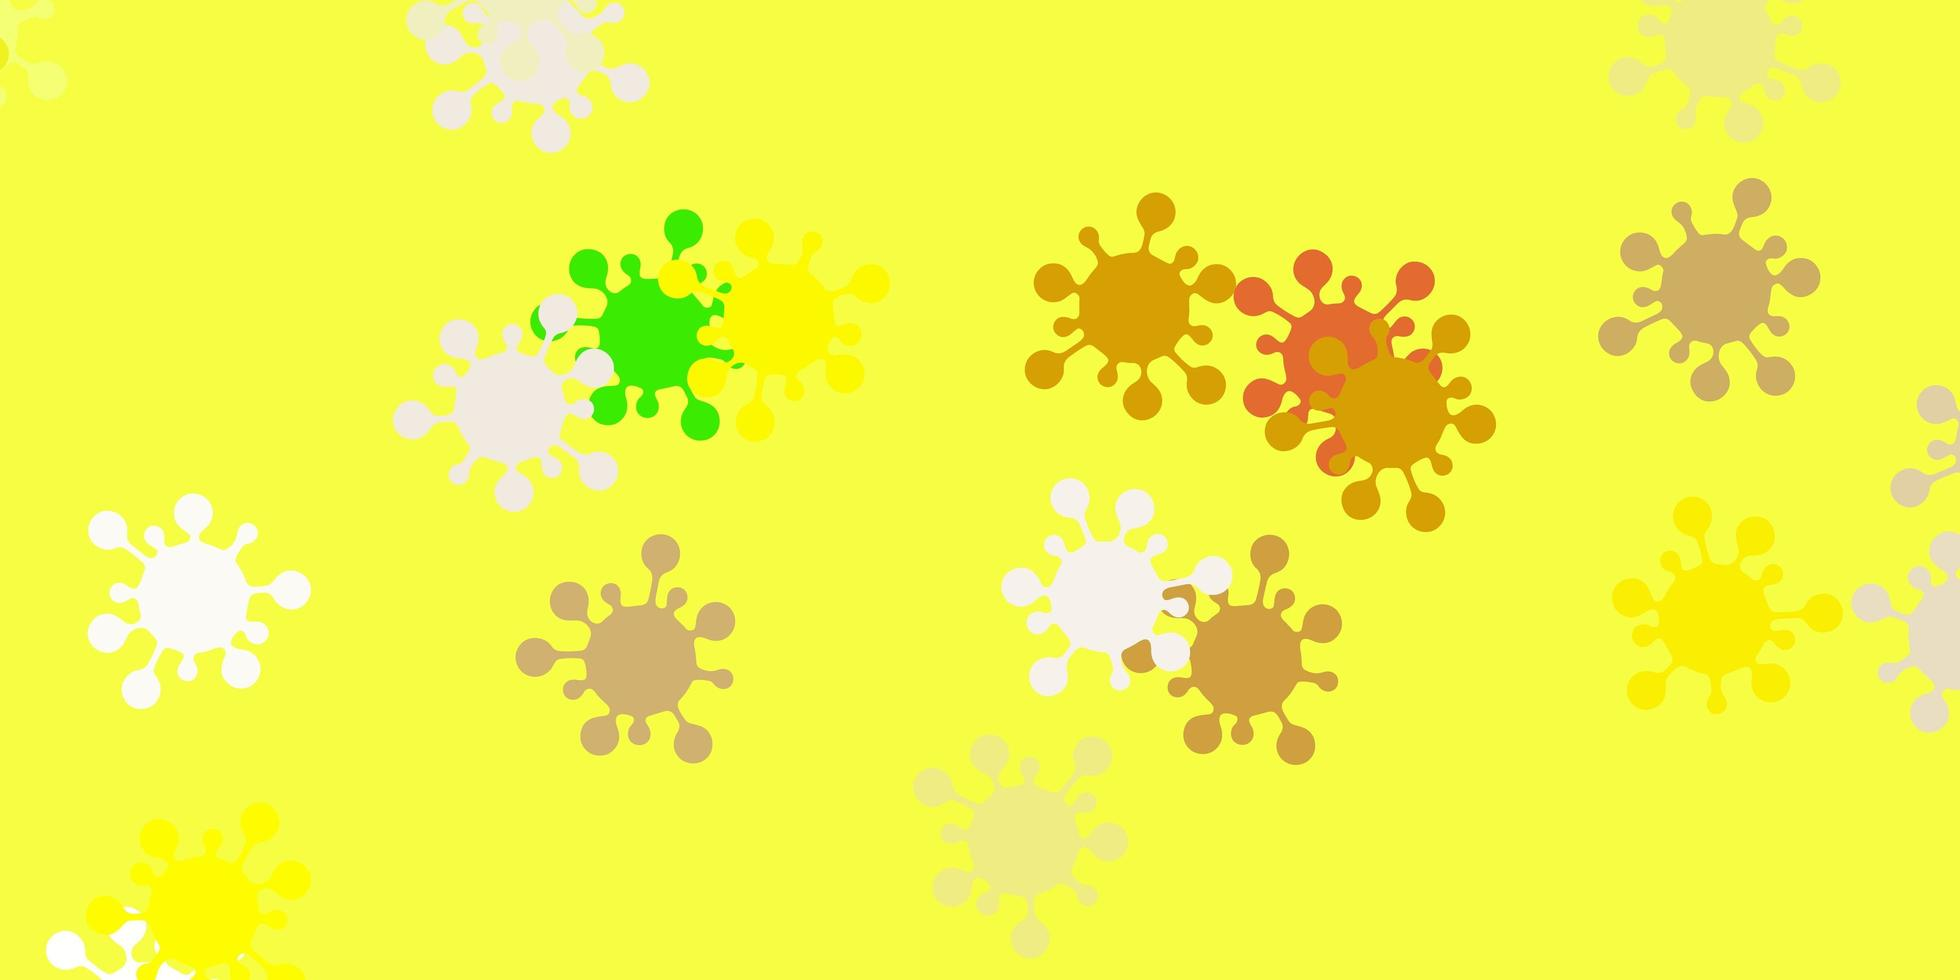 pano de fundo de vetor verde claro e amarelo com símbolos de vírus